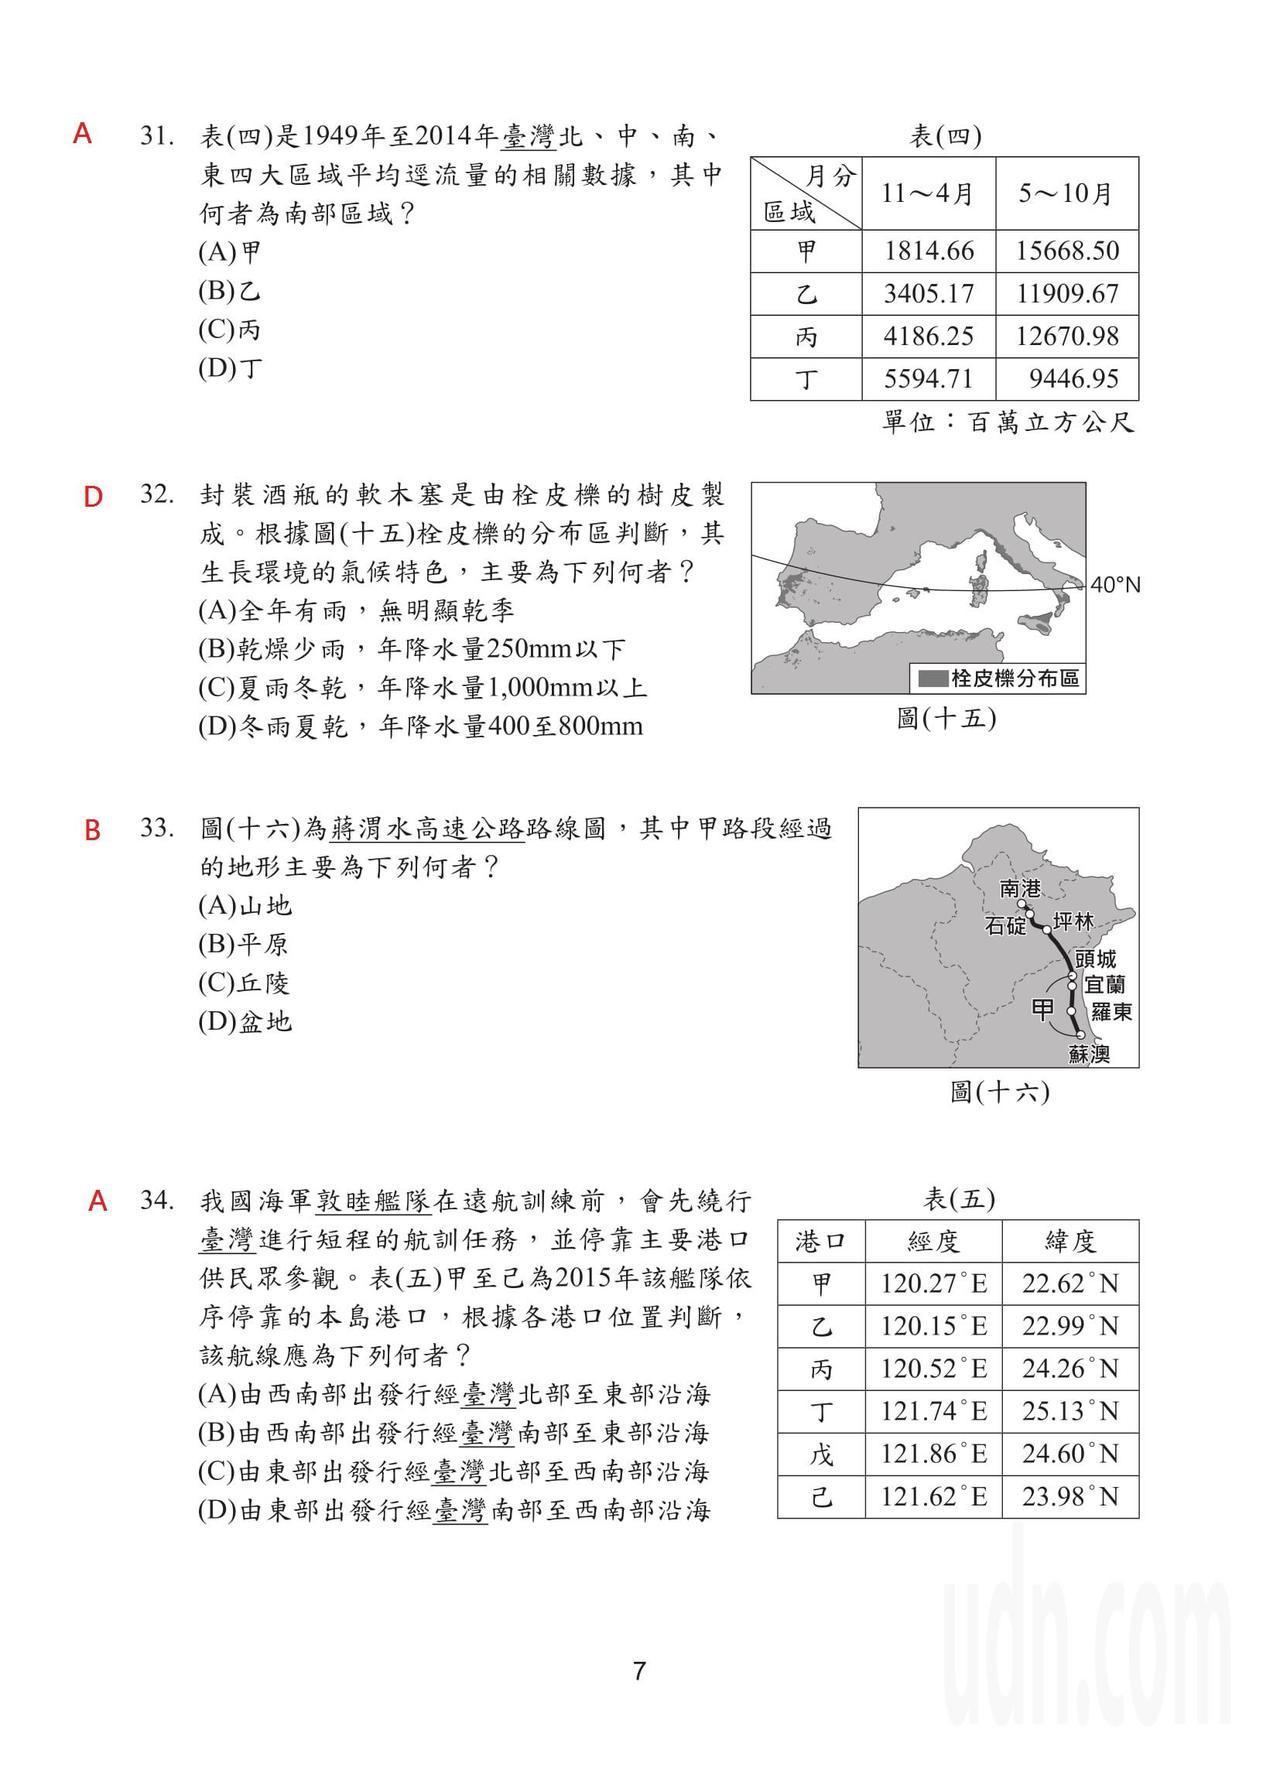 108國中會考社會科試題解答,第7頁。